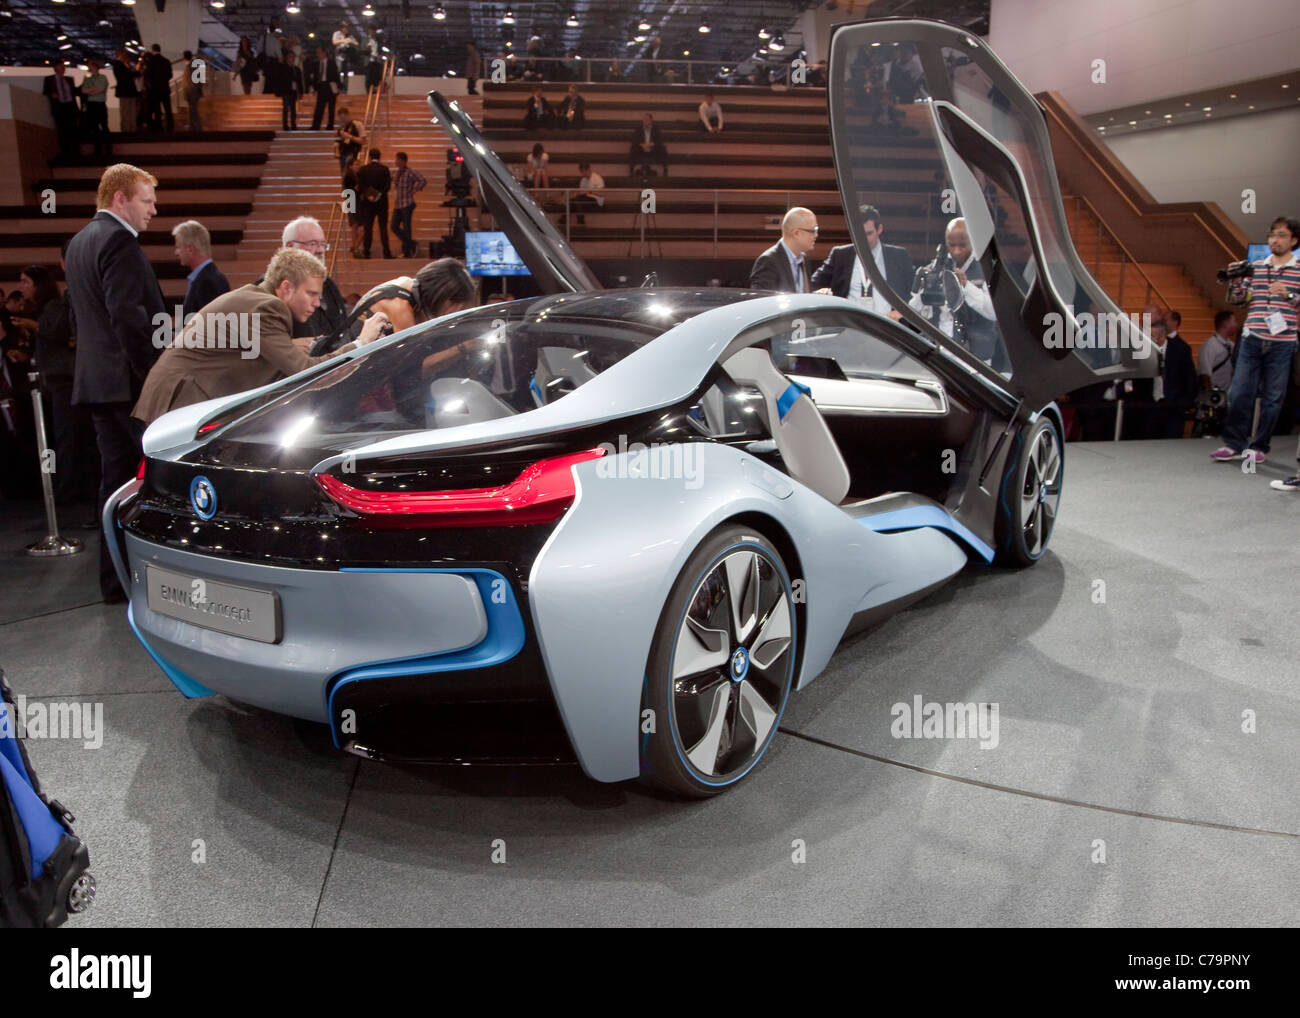 Nouvelle BMW i8 Concept Car électrique sur l'IAA 2011 International Motor Show de Francfort am Main, Allemagne Photo Stock